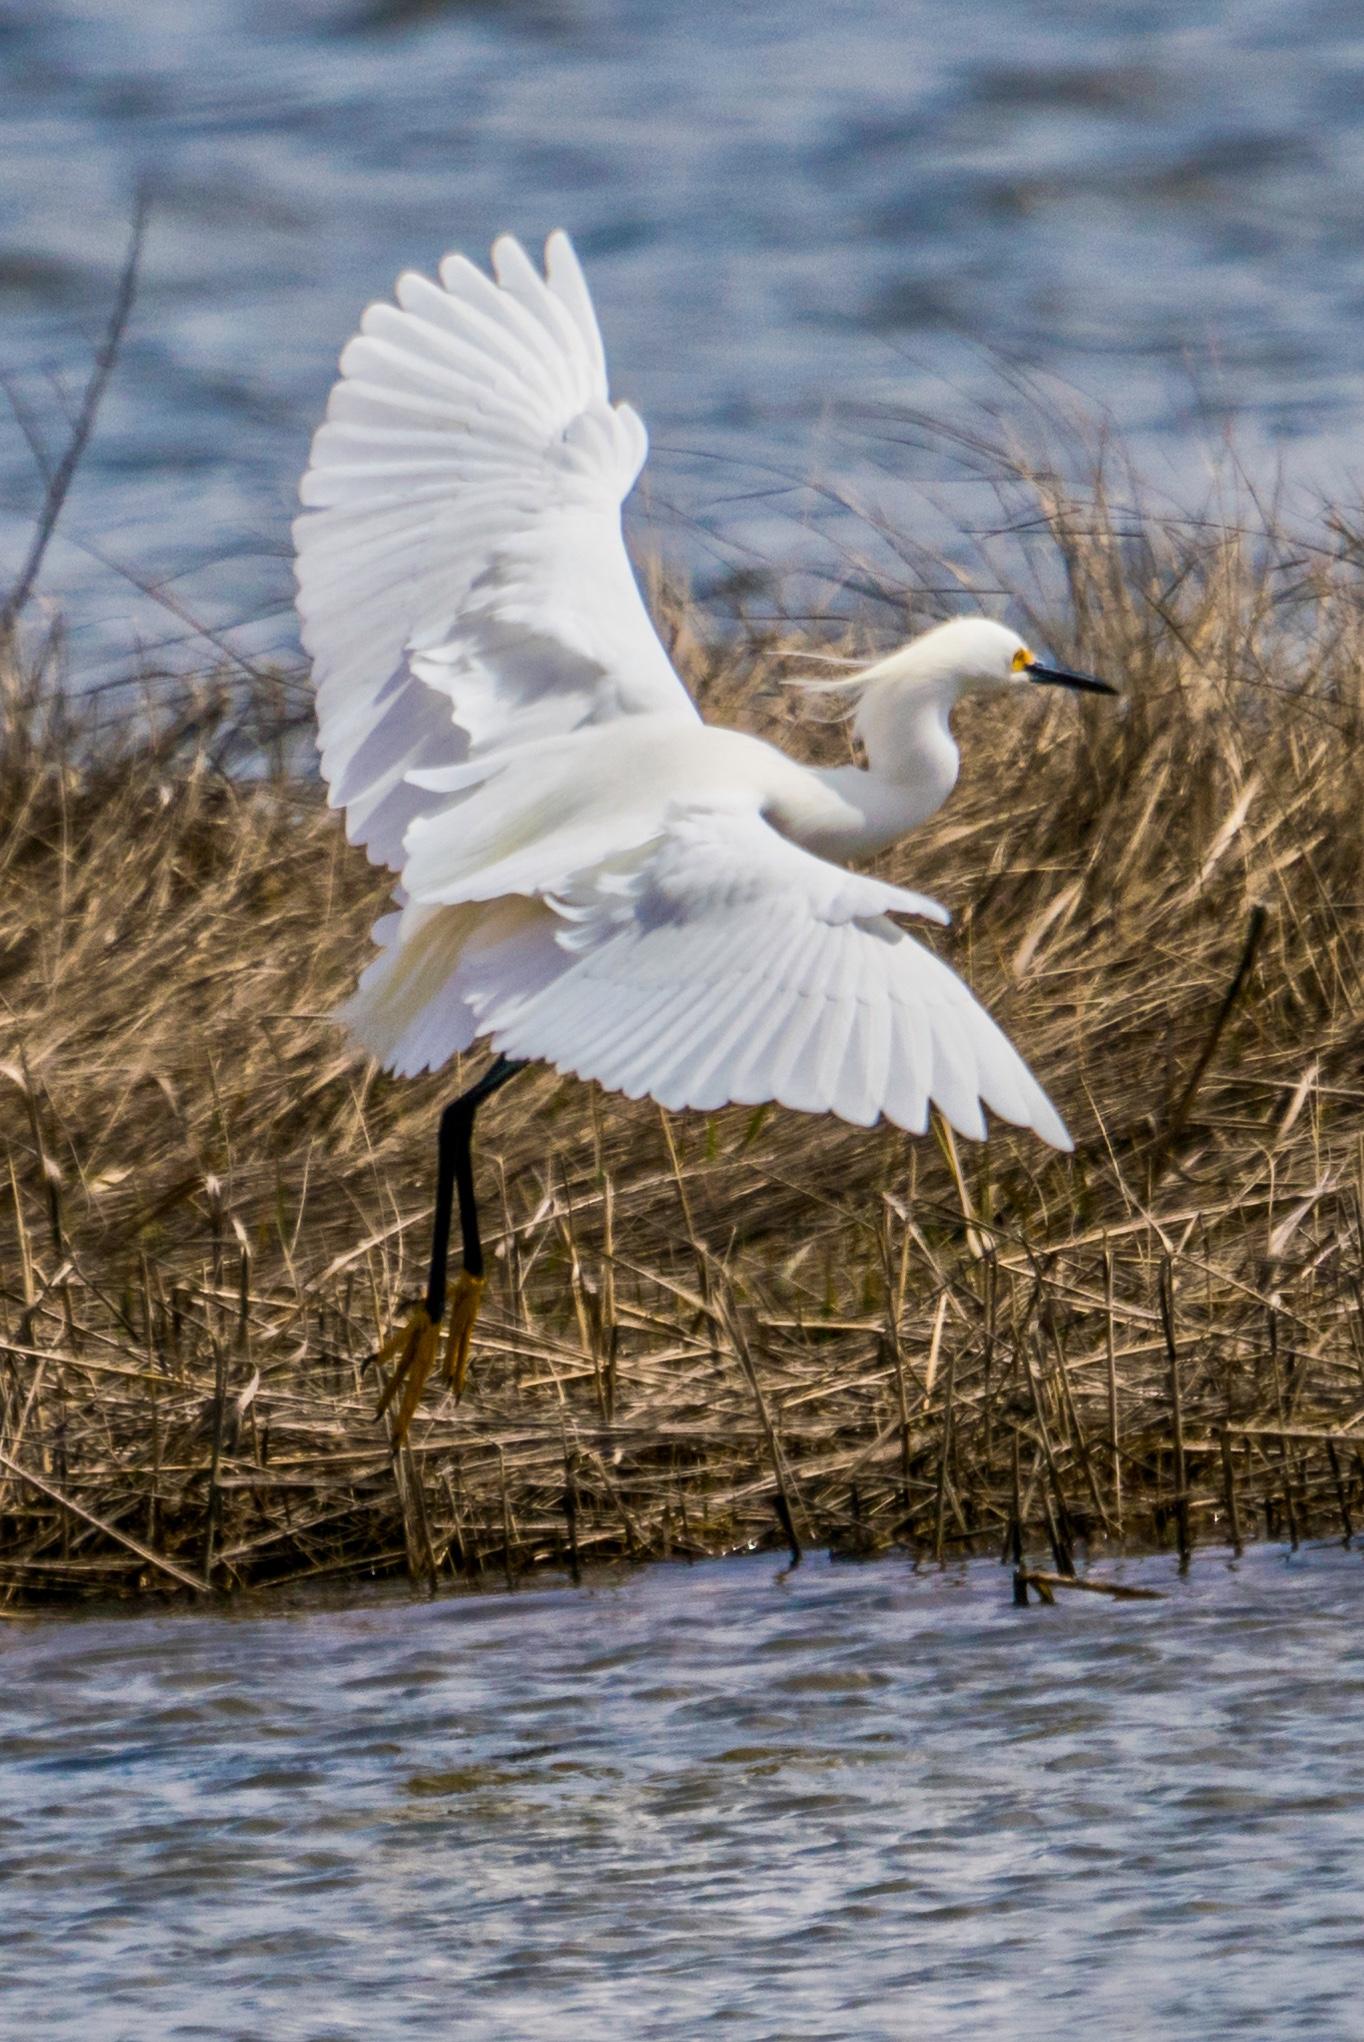 Snowy Egret in flight over salt marsh